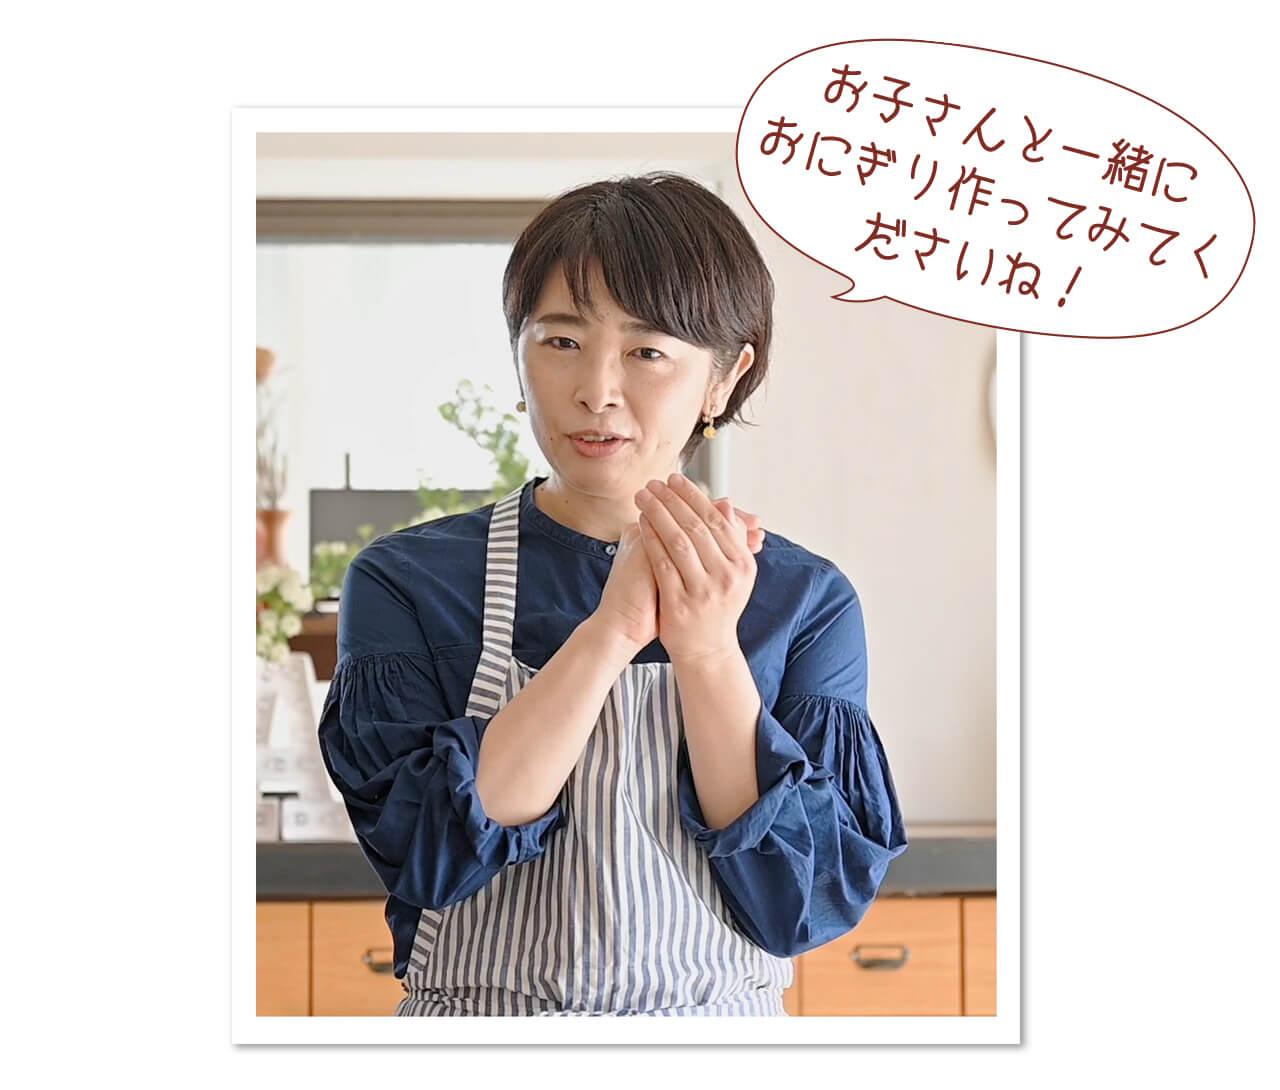 お子さんと一緒におにぎり作ってみてくださいね! 近藤幸子さん